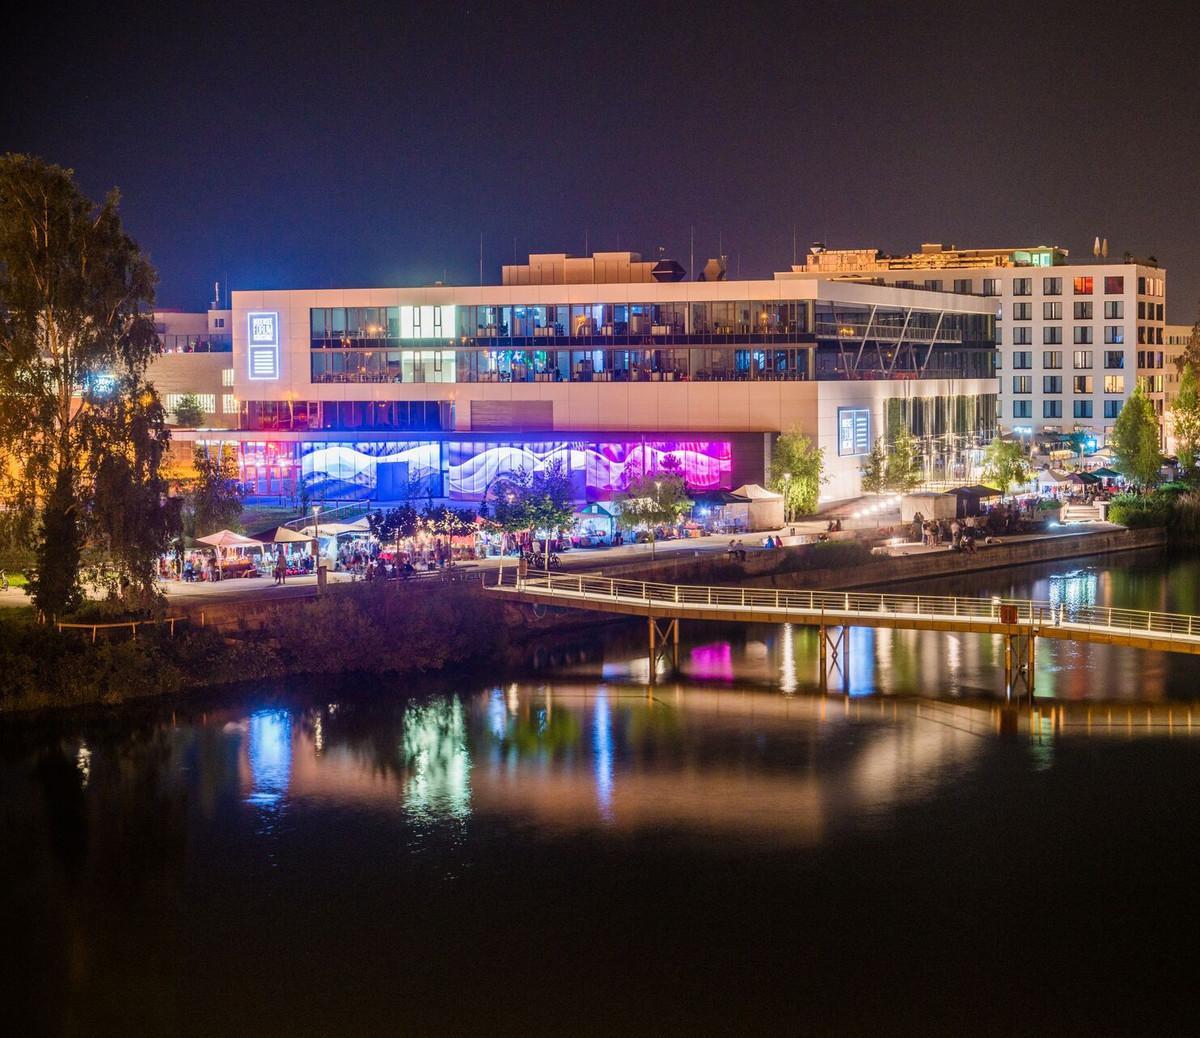 Konstanz-Flohmarkt-Bodenseeforum-Nacht-Lichter-01_Sommer_Copyright_MTK-Chris-Danneffel